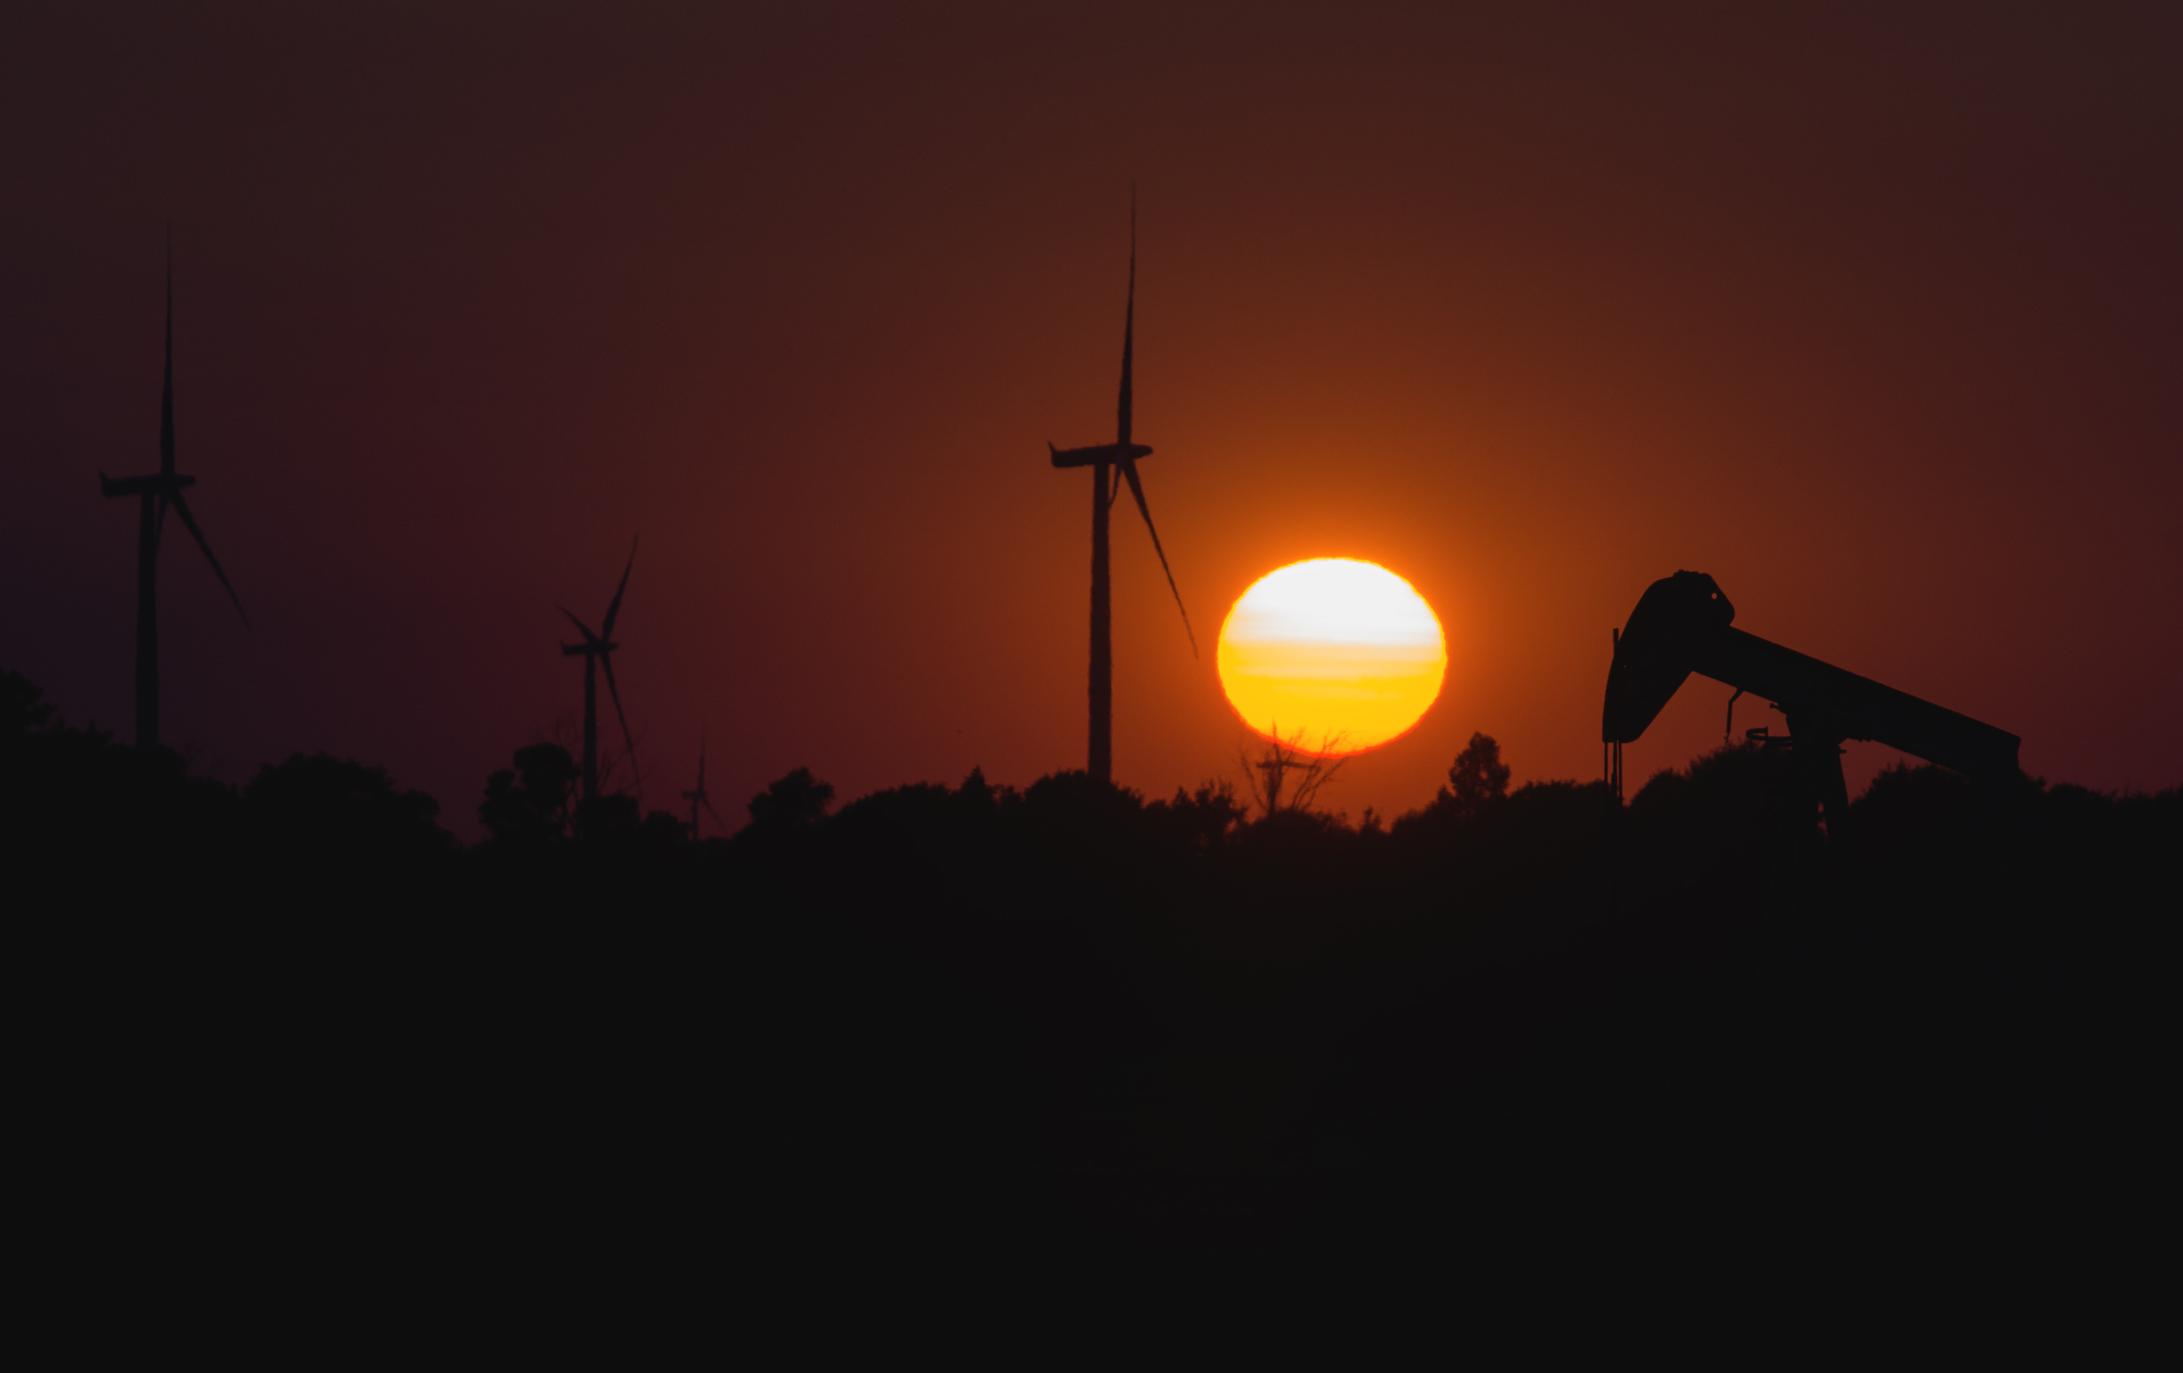 oil & wind